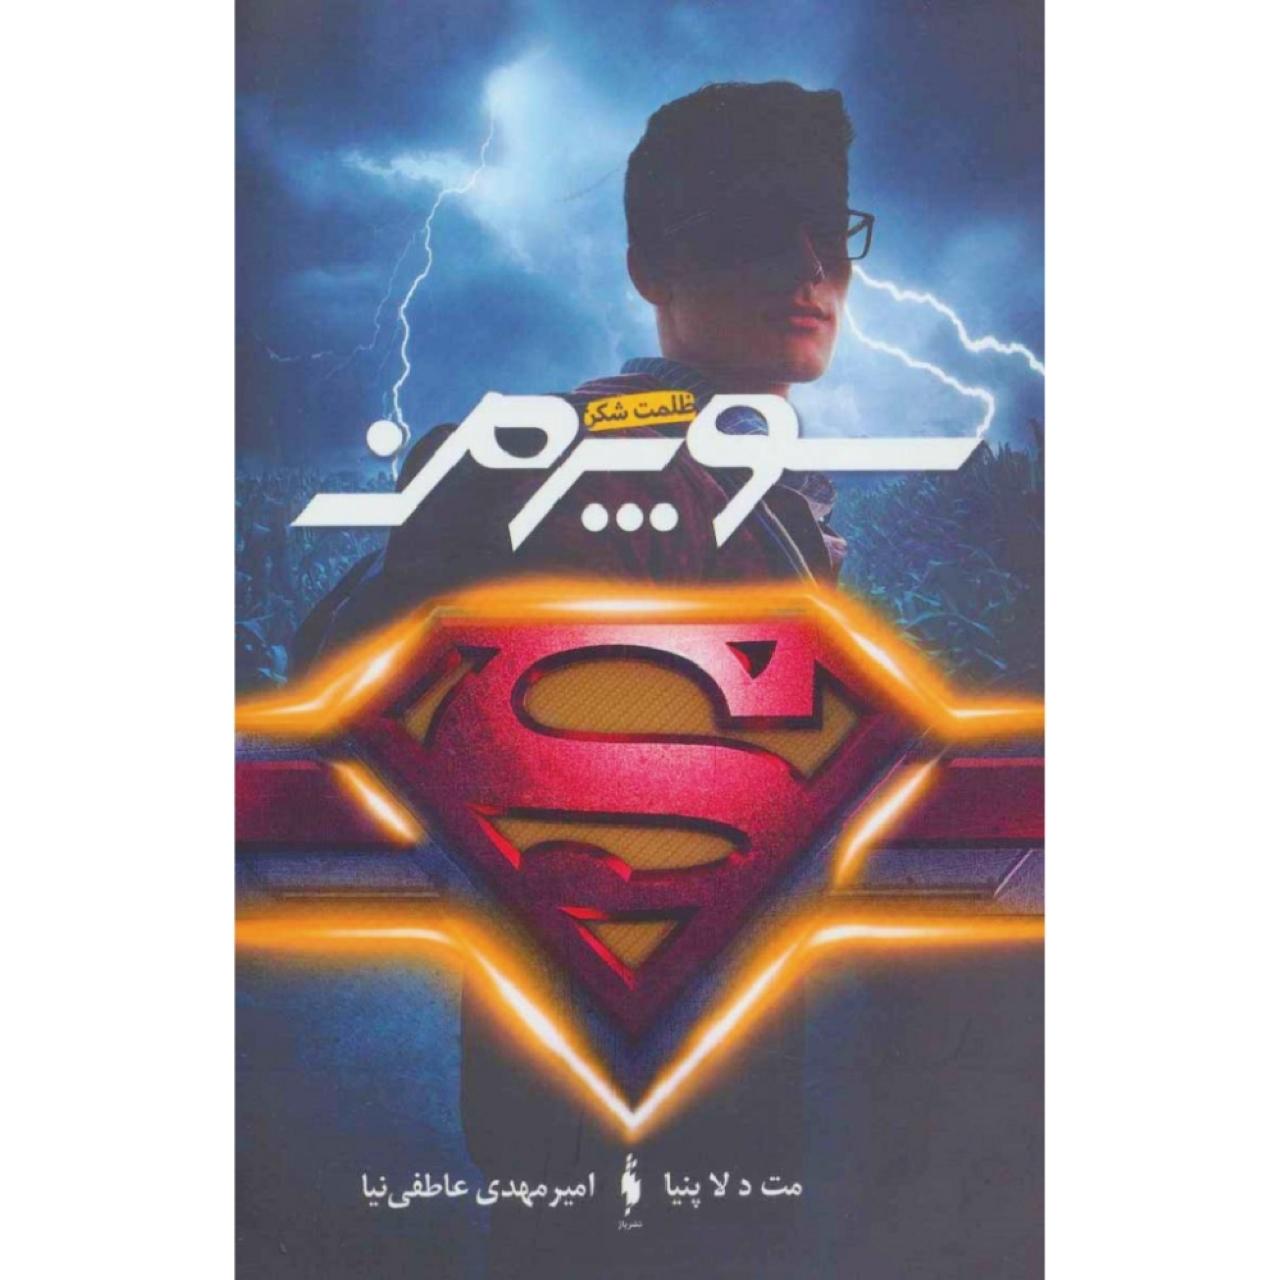 کتاب سوپرمن اثر مت د لا پنیا نشر باژ